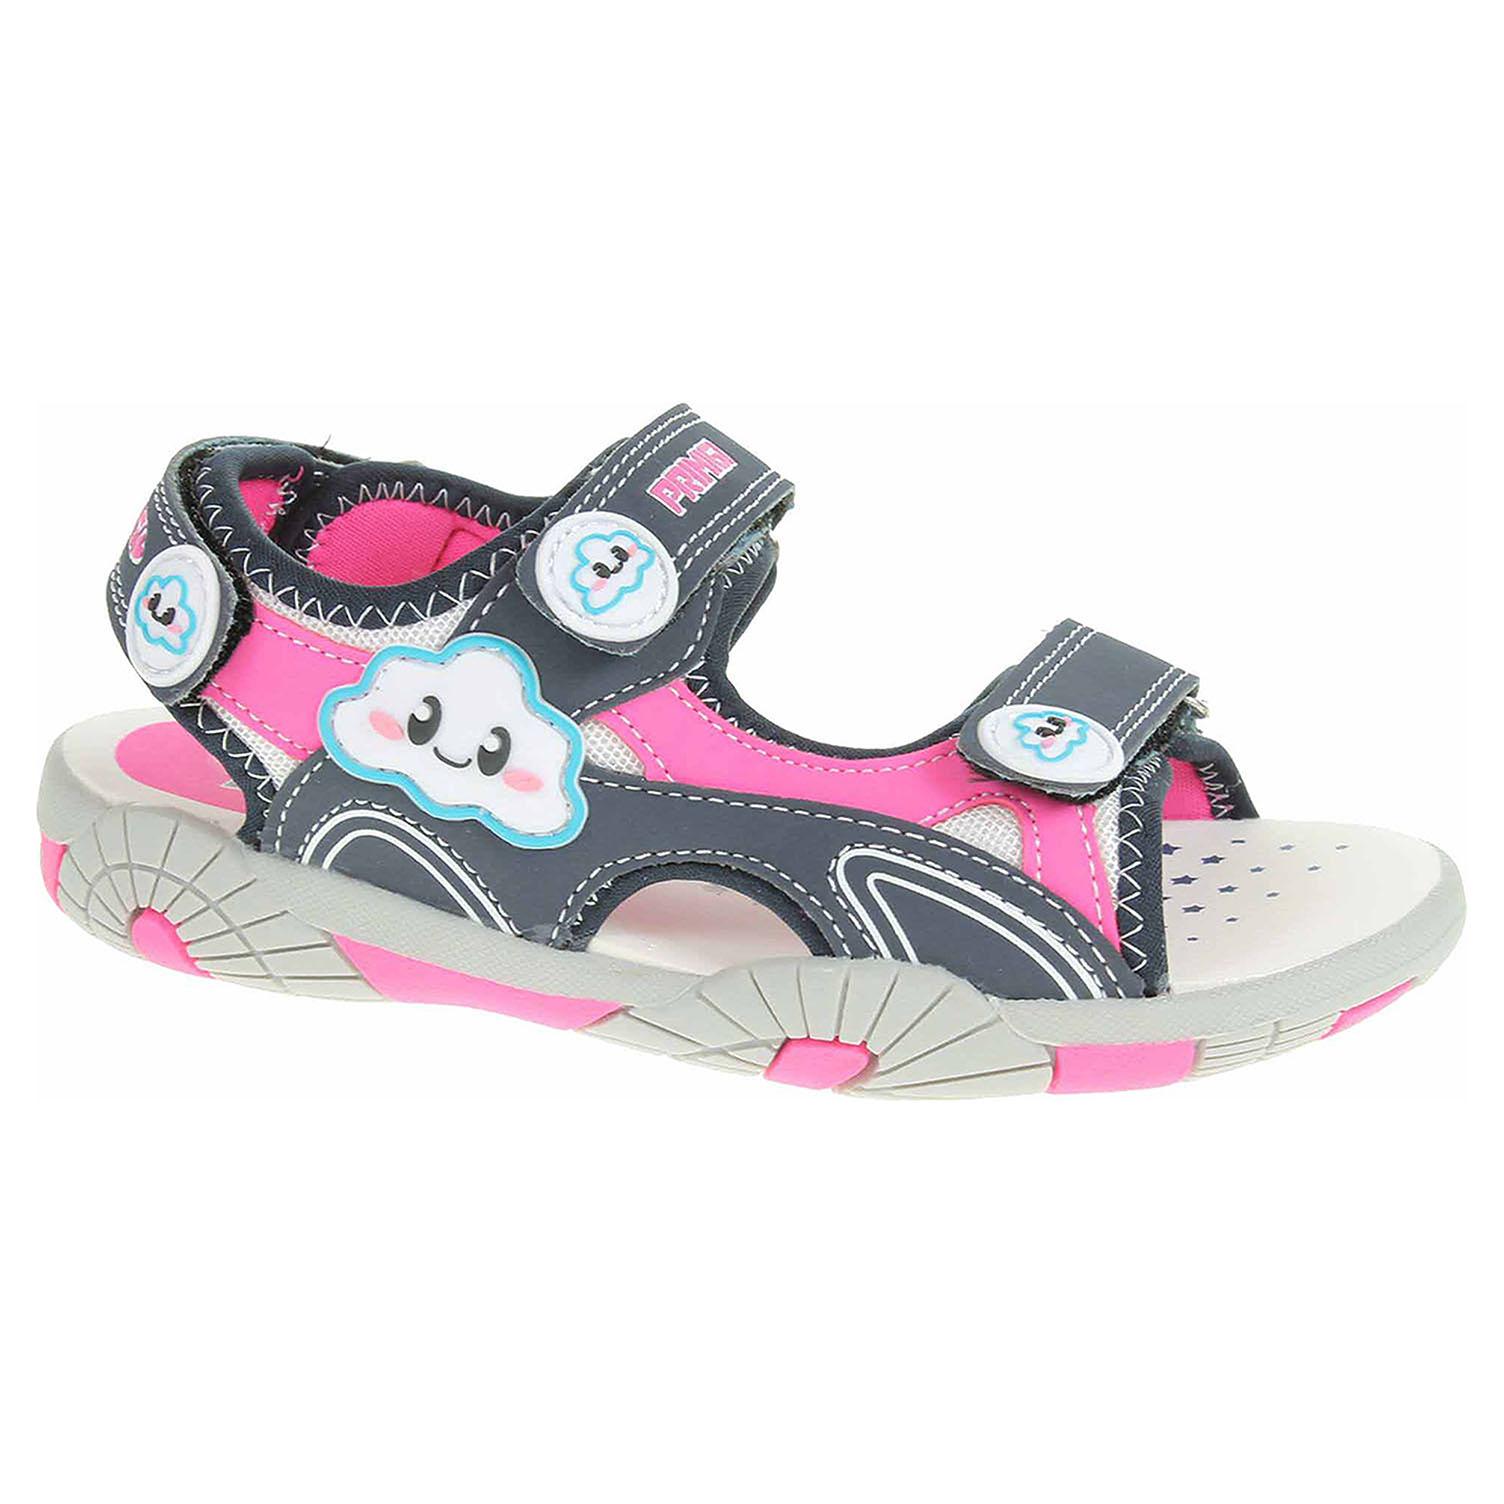 Dívčí sandály Primigi 1456000 navy-fuxia-bianco 1456000 31